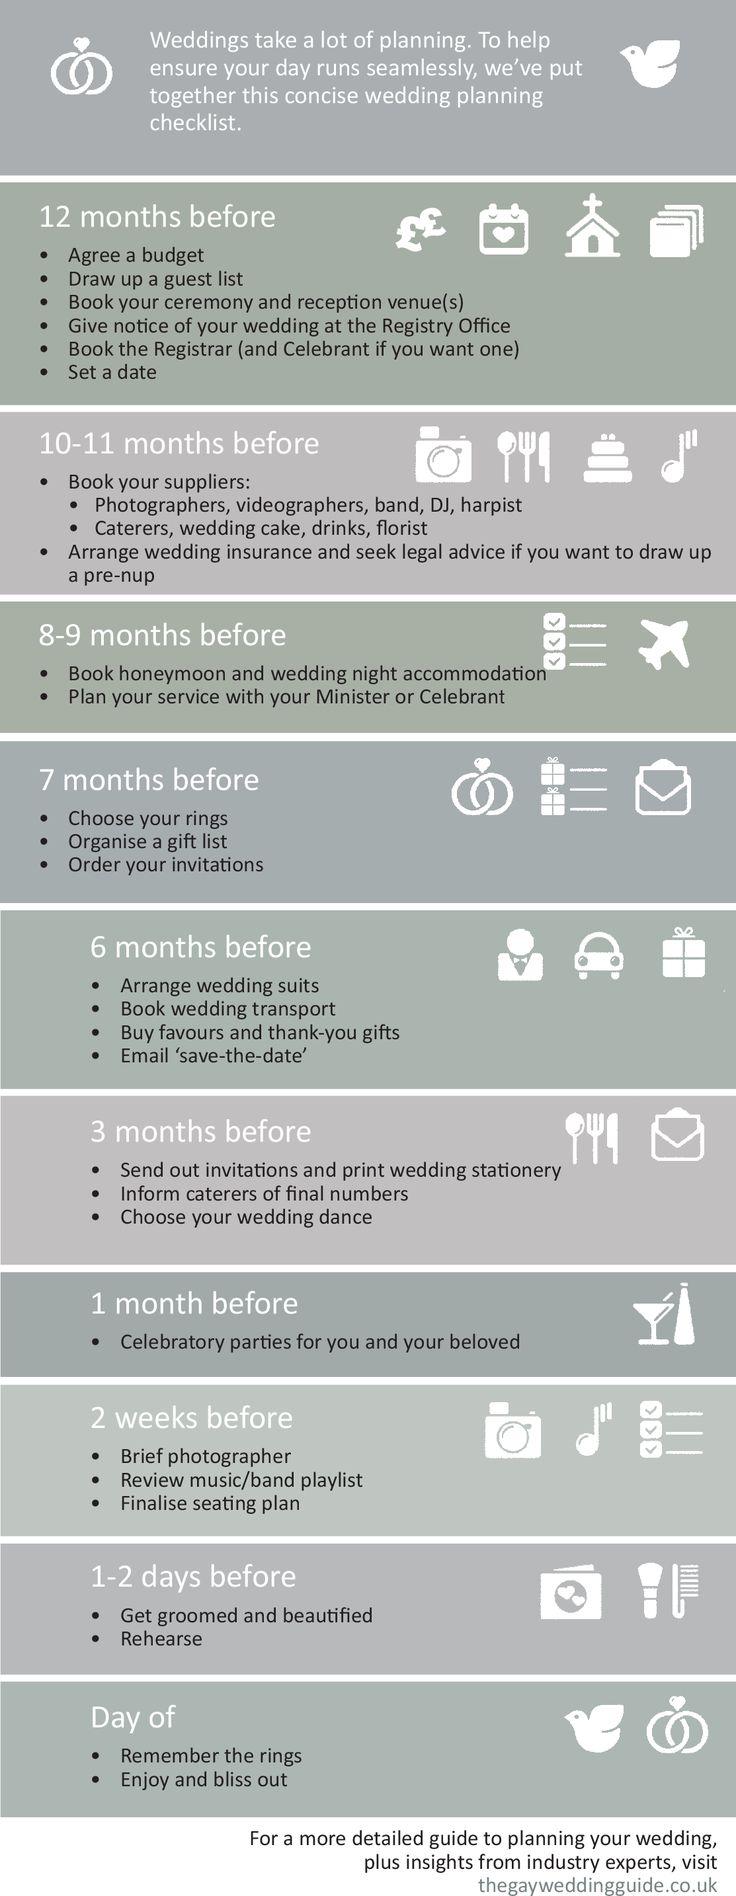 Wedding Planning Checklist Printable Quelles astuces pour organiser votre mariage sur http://yesidomariage.com